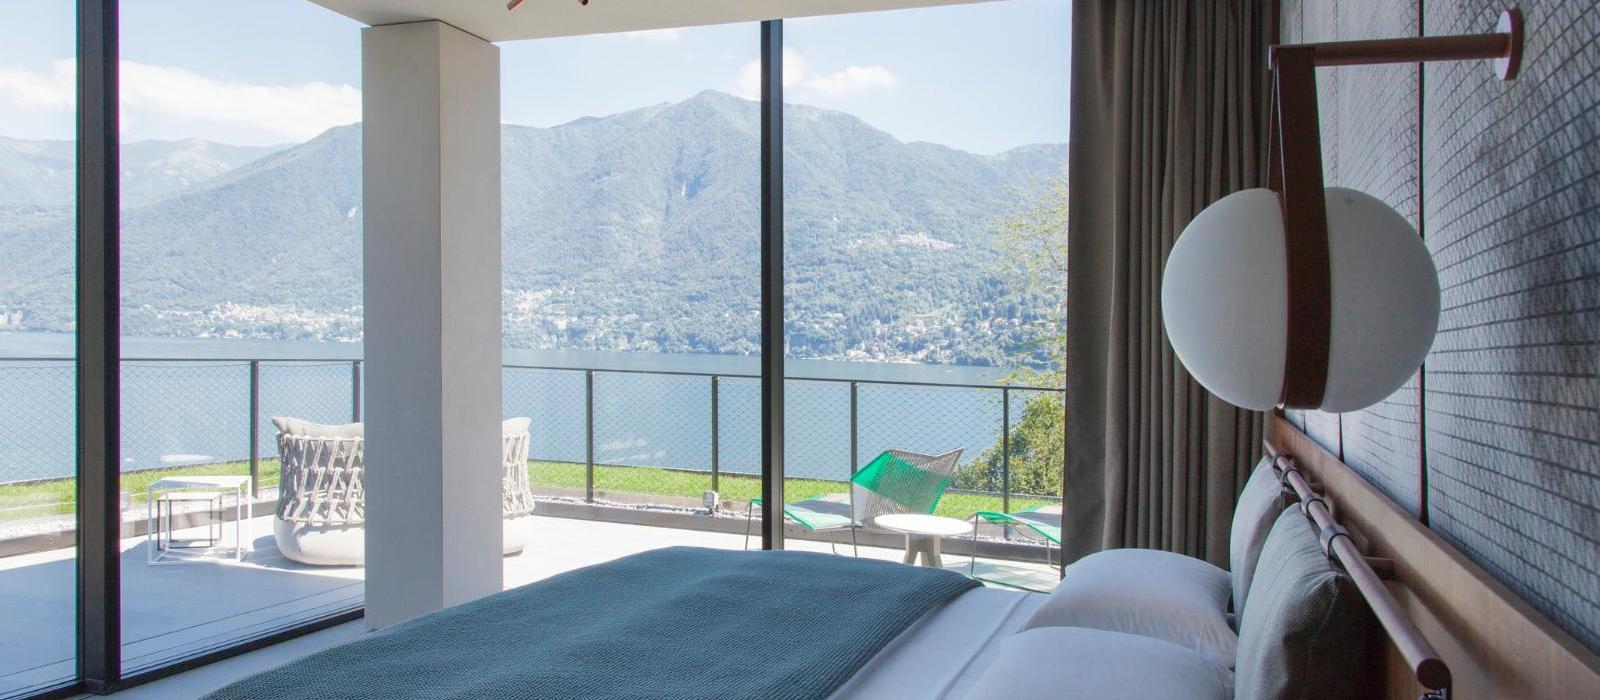 科莫湖善睐诺酒店(Il Sereno Lago di Como) 图片  www.lhw.cn